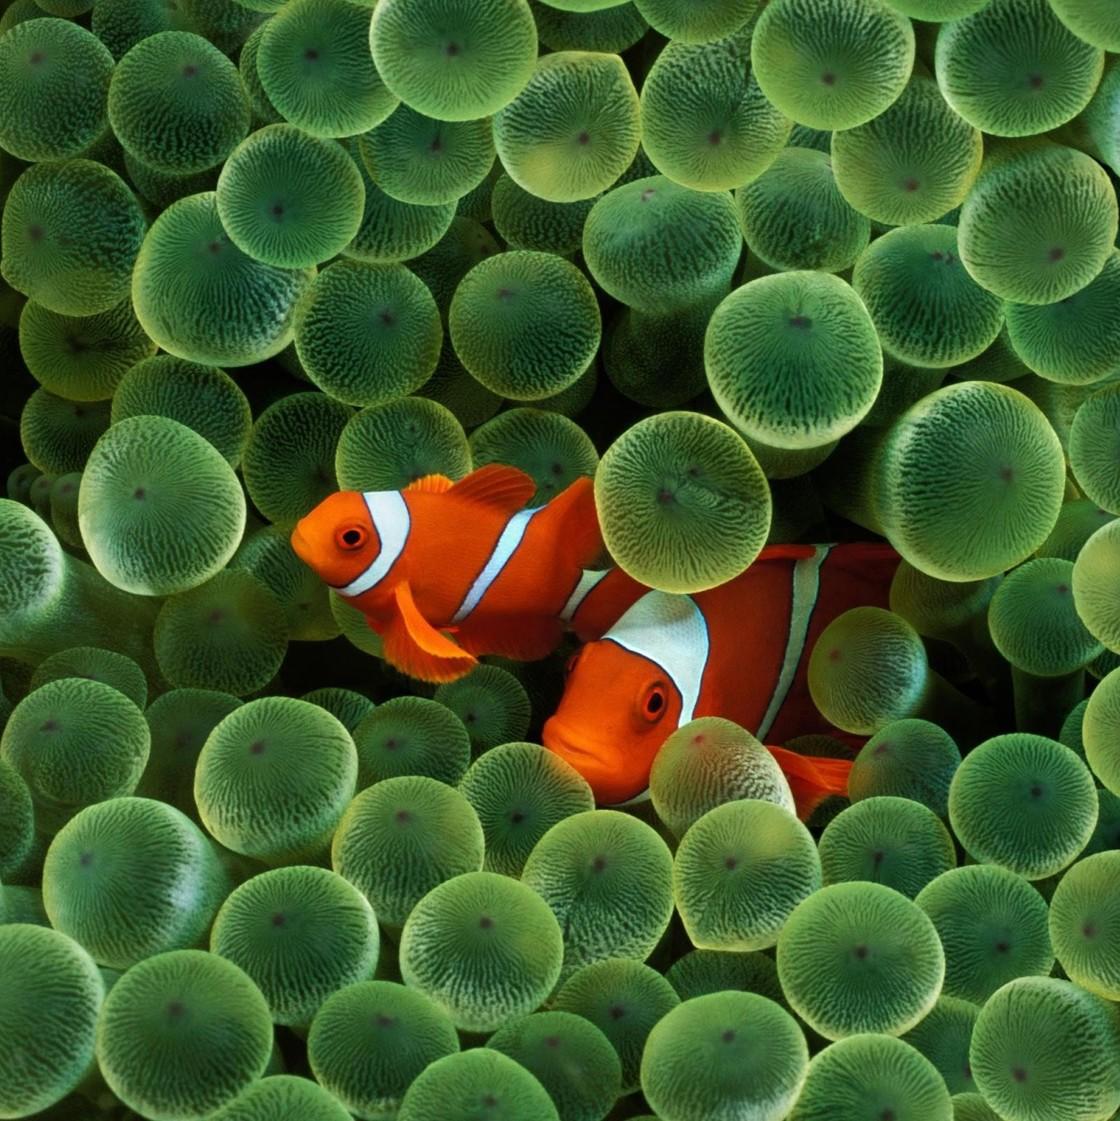 经典的珊瑚鱼壁纸